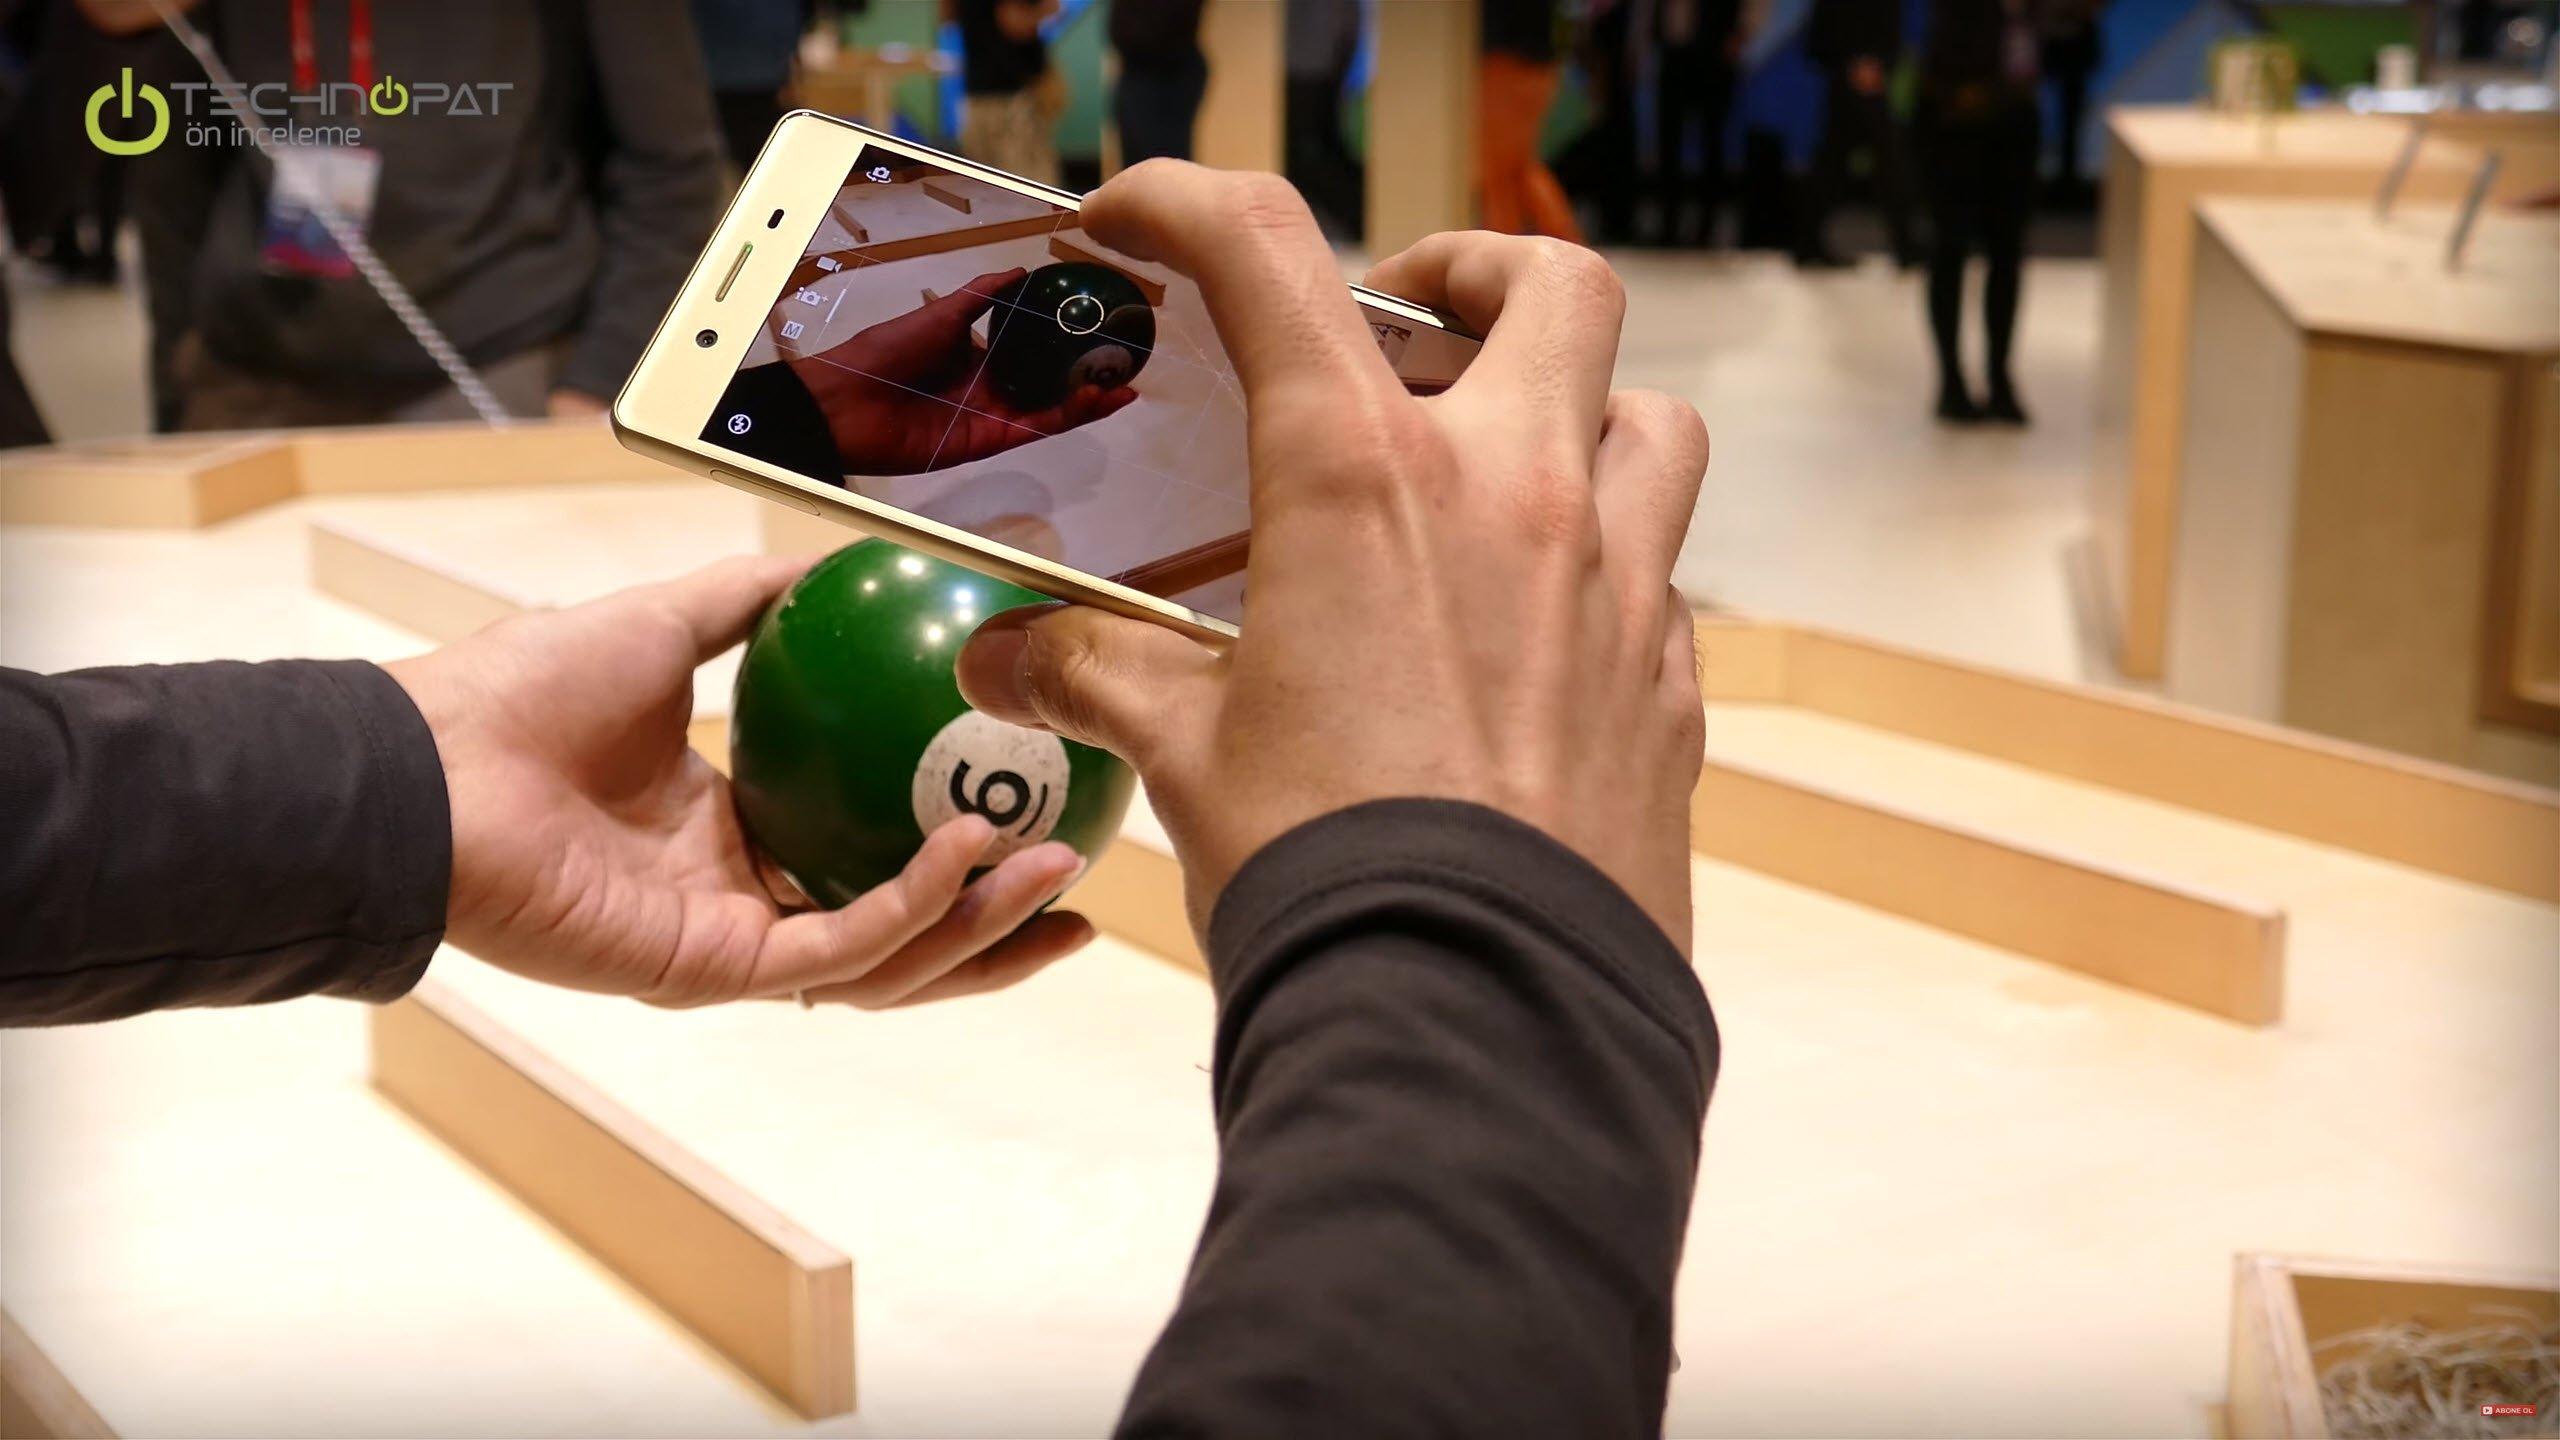 Xperia X: Kamera üzerine dokunduğunuz nesneye odak almayı sürdürüyor